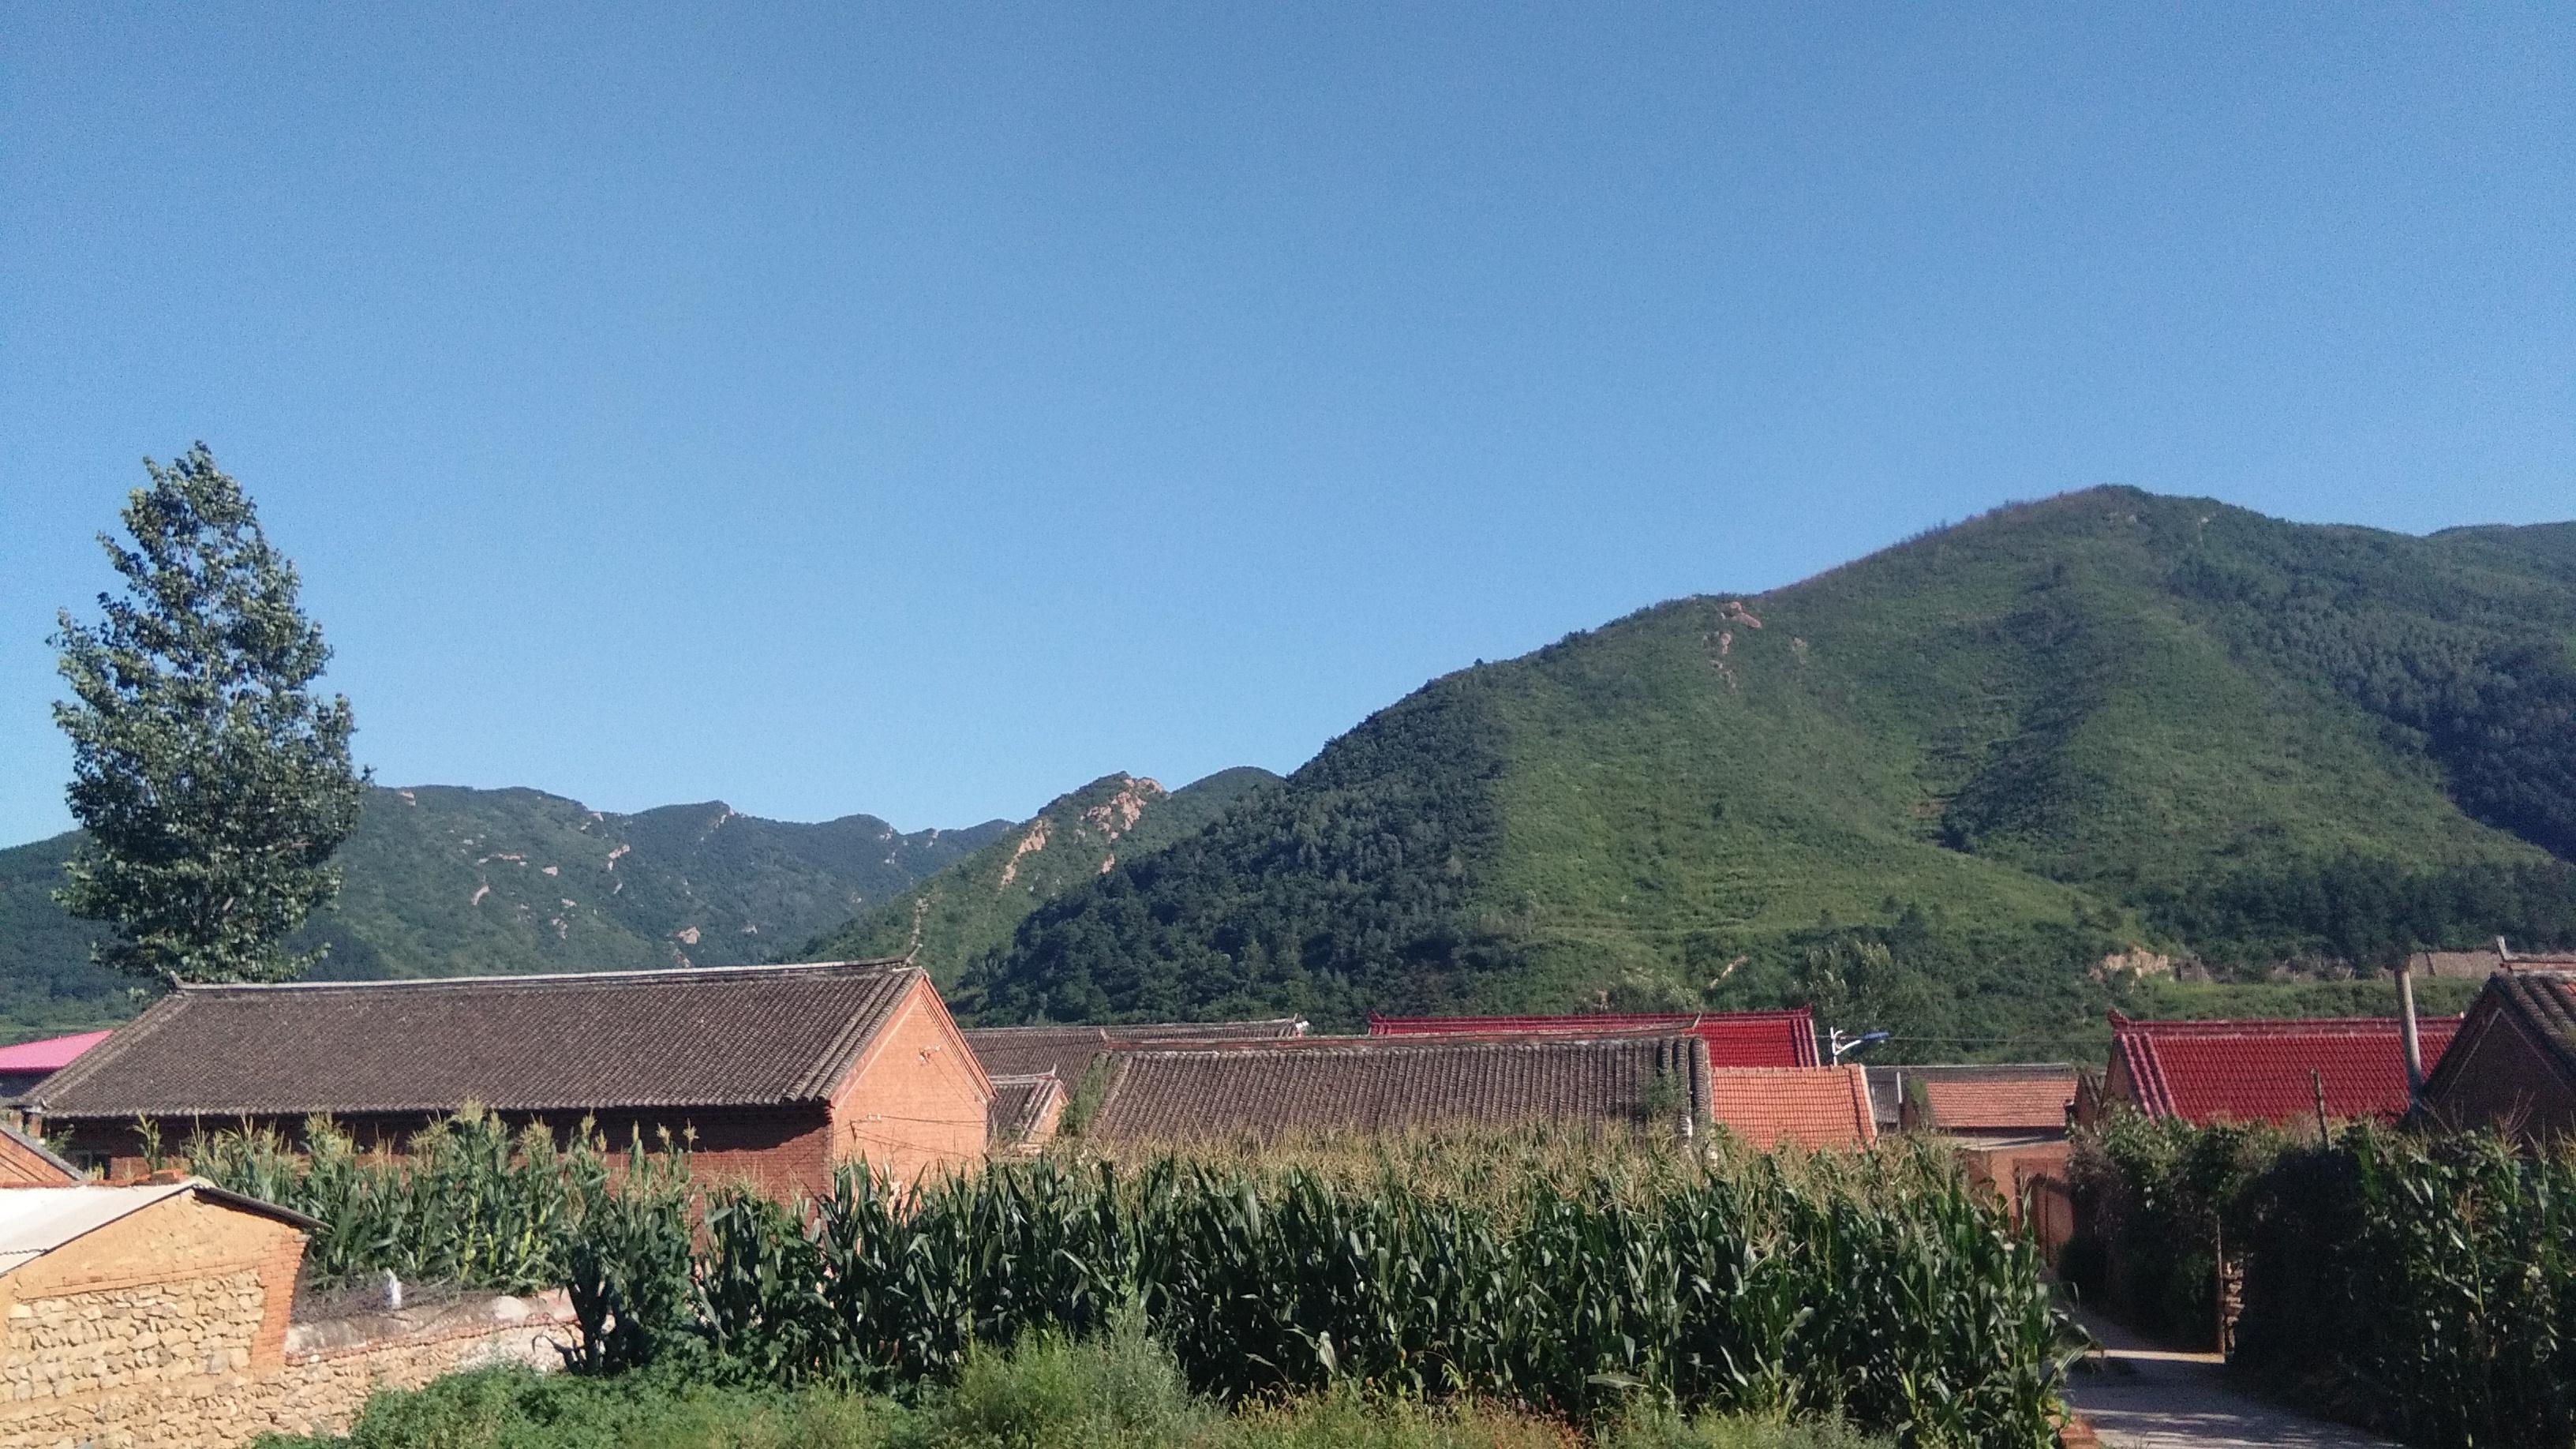 Another littel village in Manchuria